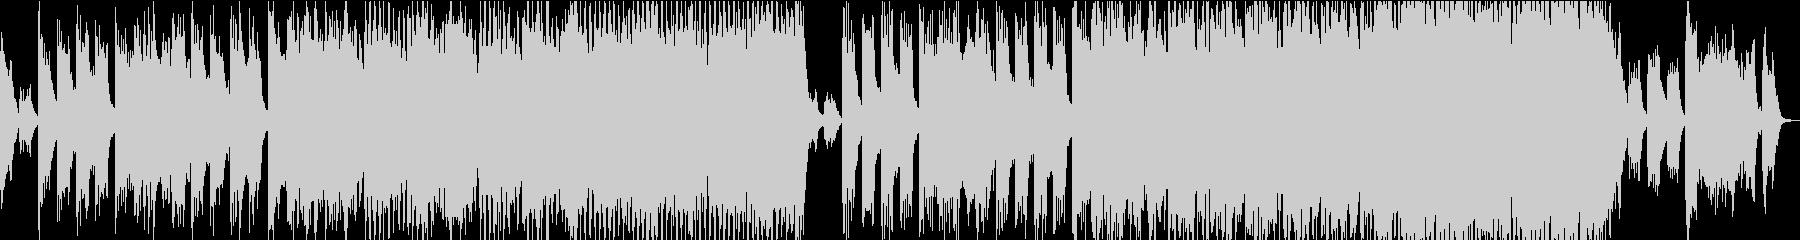 現代の交響曲 積極的 焦り 神経質...の未再生の波形